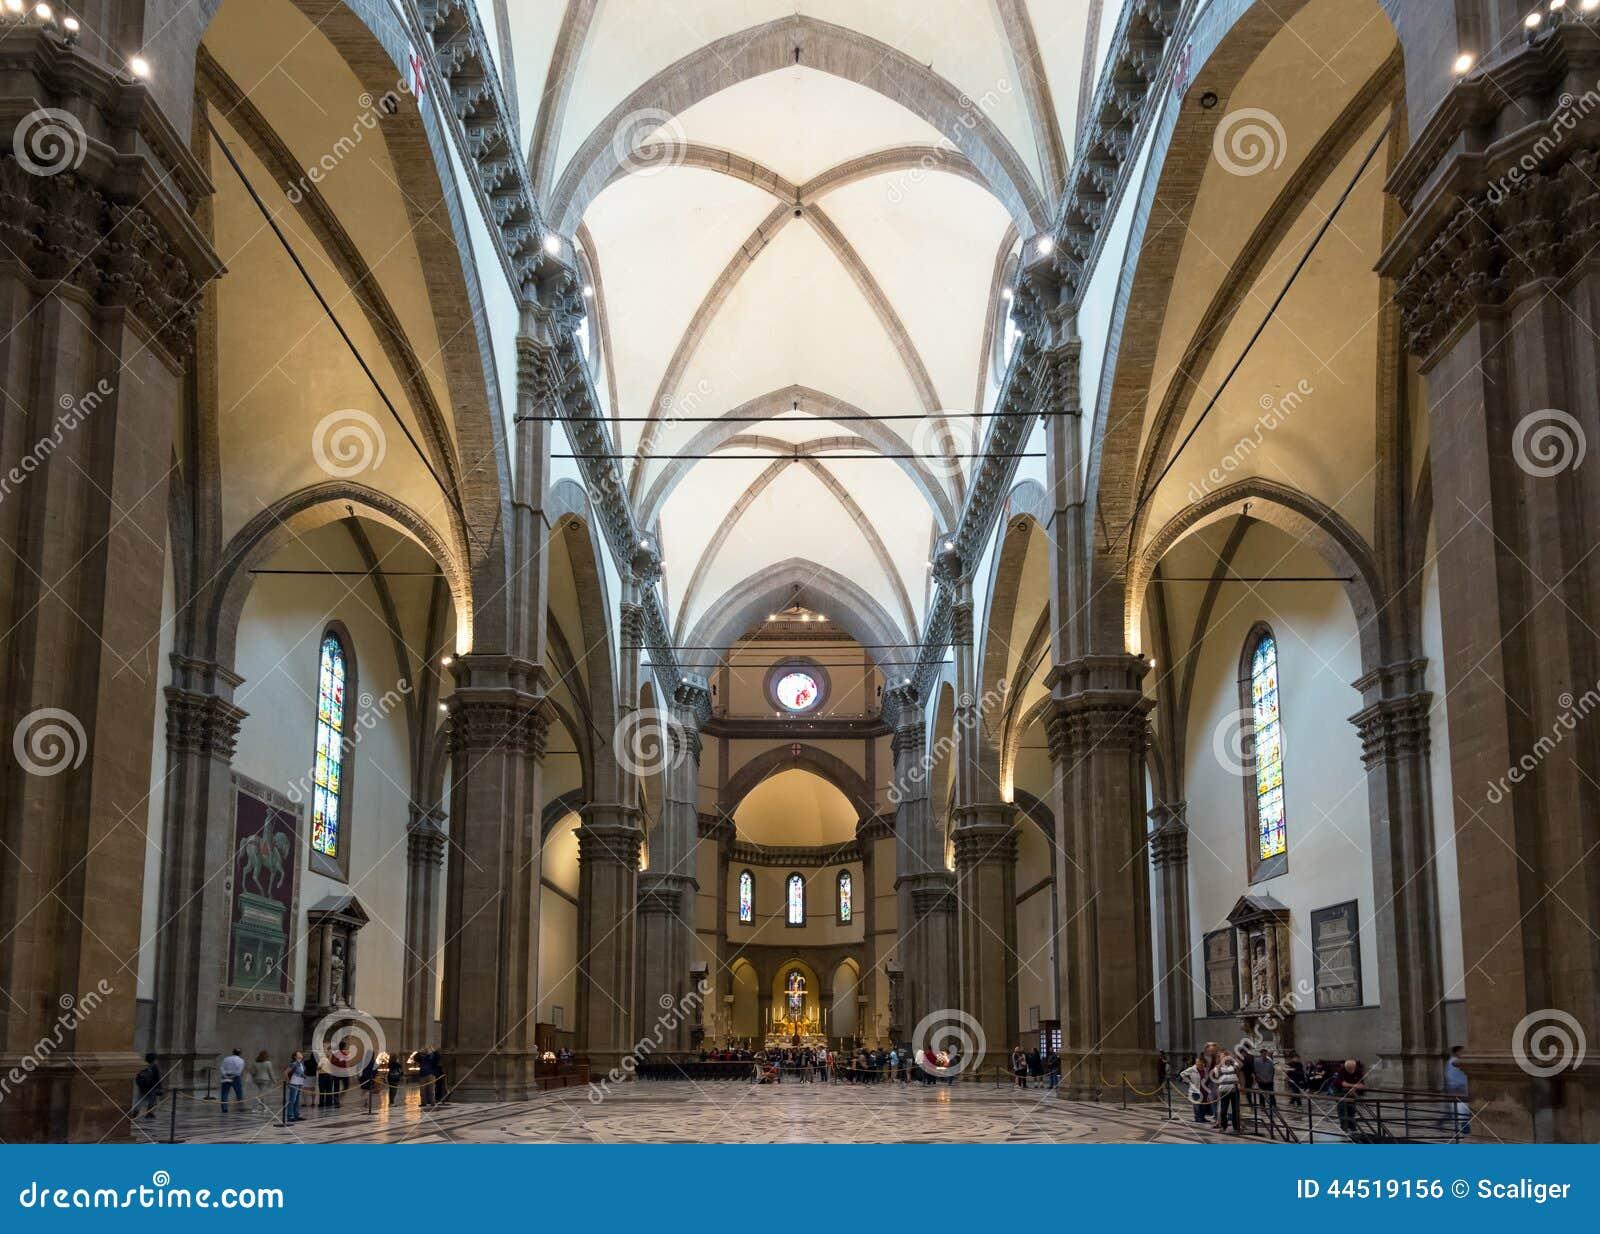 Duomo - Cattedrale di Santa Maria del Fiore, Florence